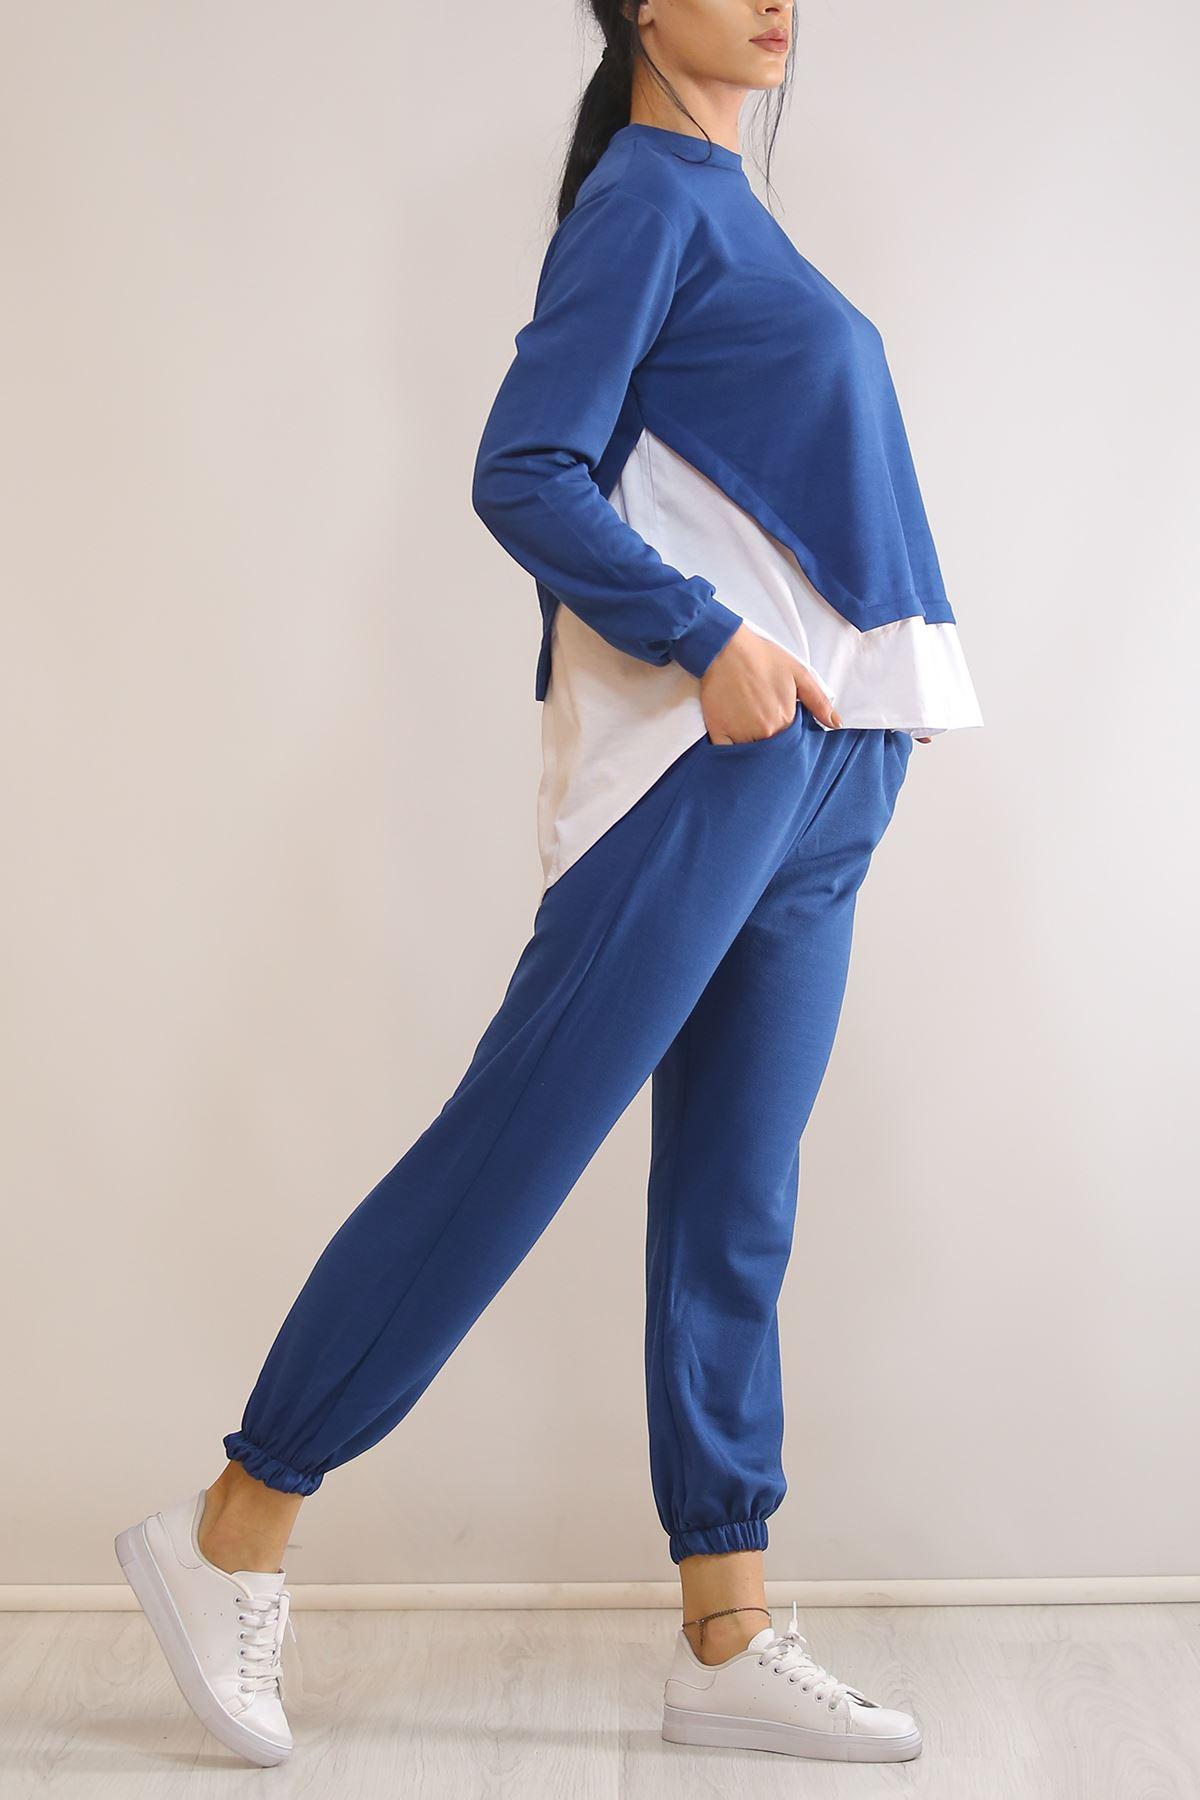 İkili Takım Mavi - 5809.1361.